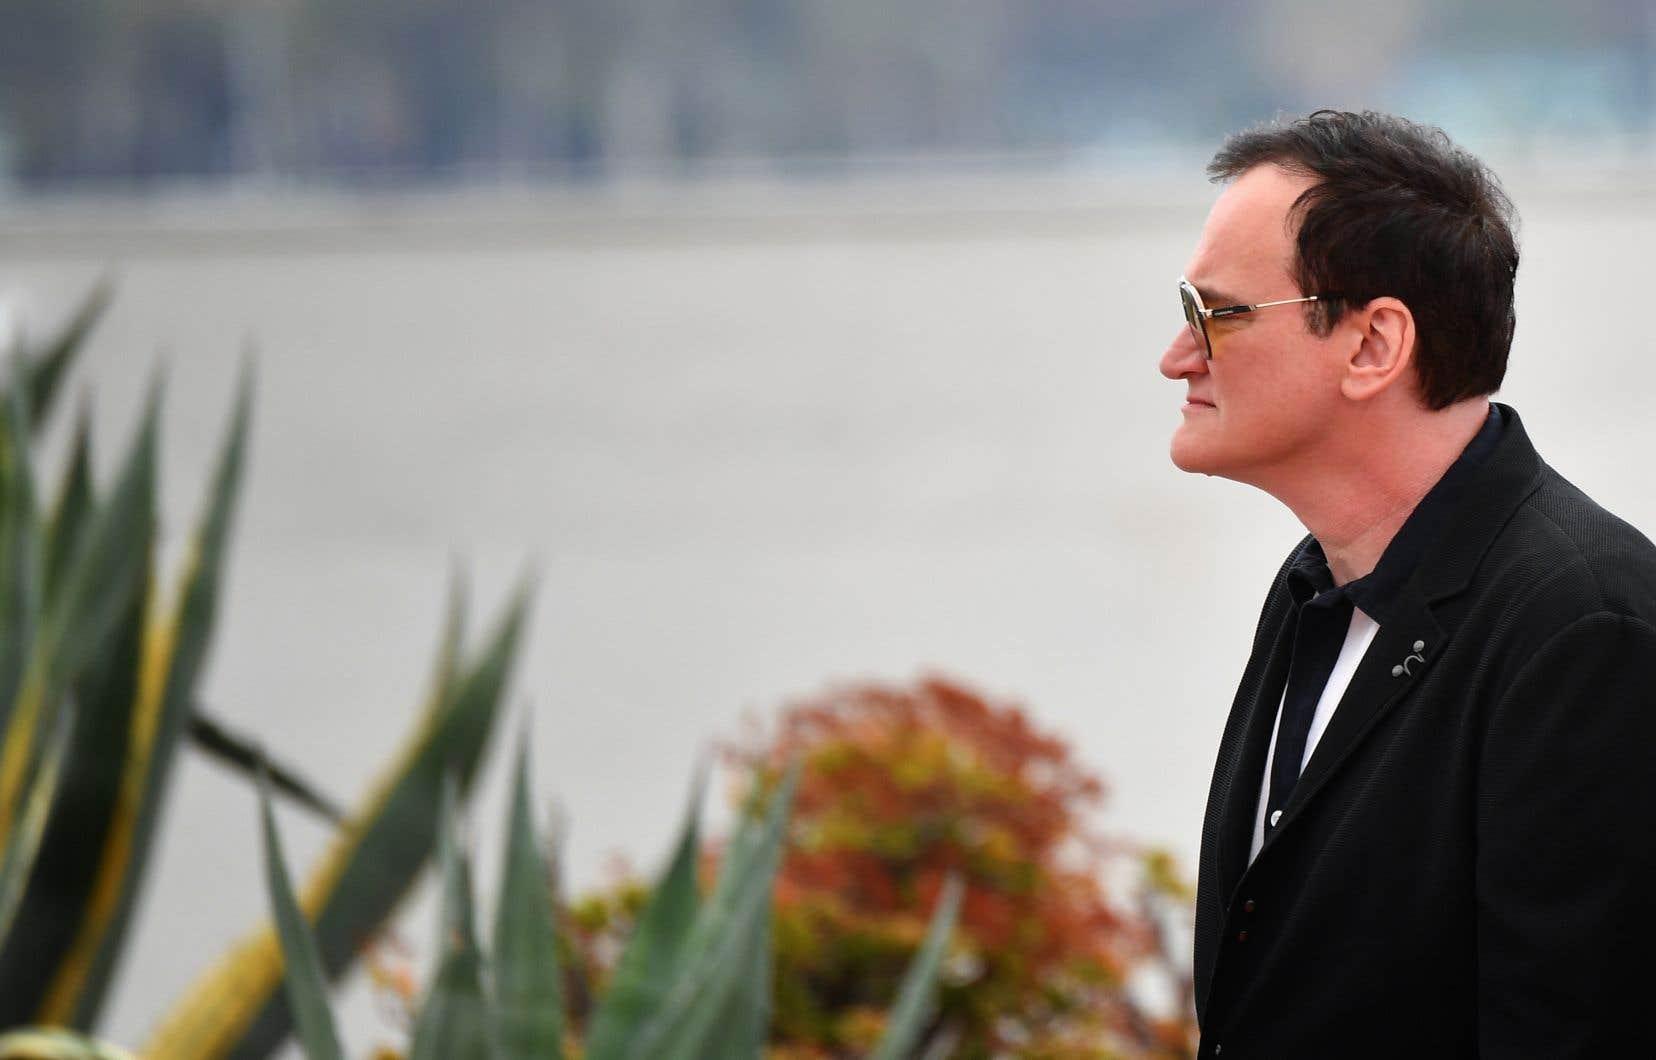 Quentin Tarantinolassure et brandit haut et fort ses convictions.